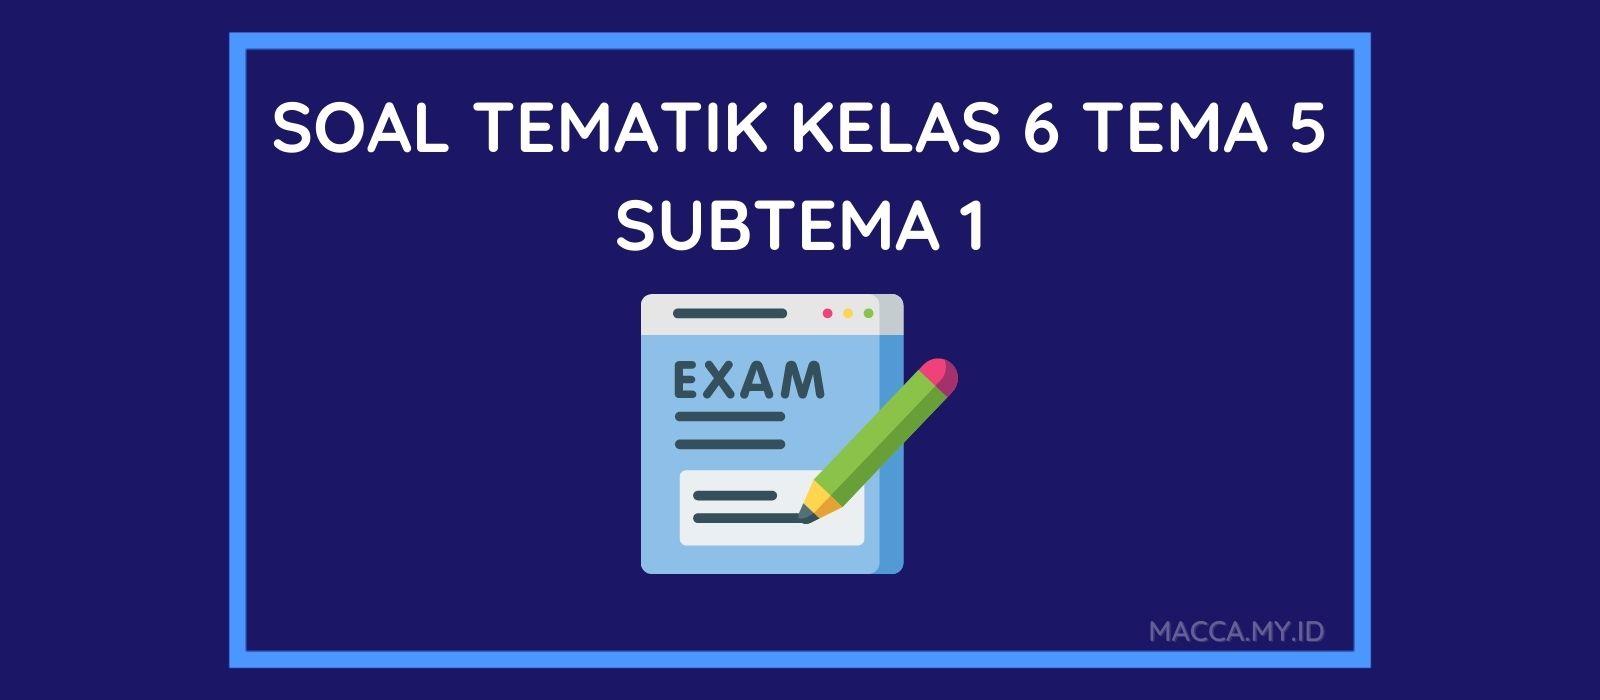 Soal tematik kelas 6 tema 5 subtema 1 dan kunci jawaban